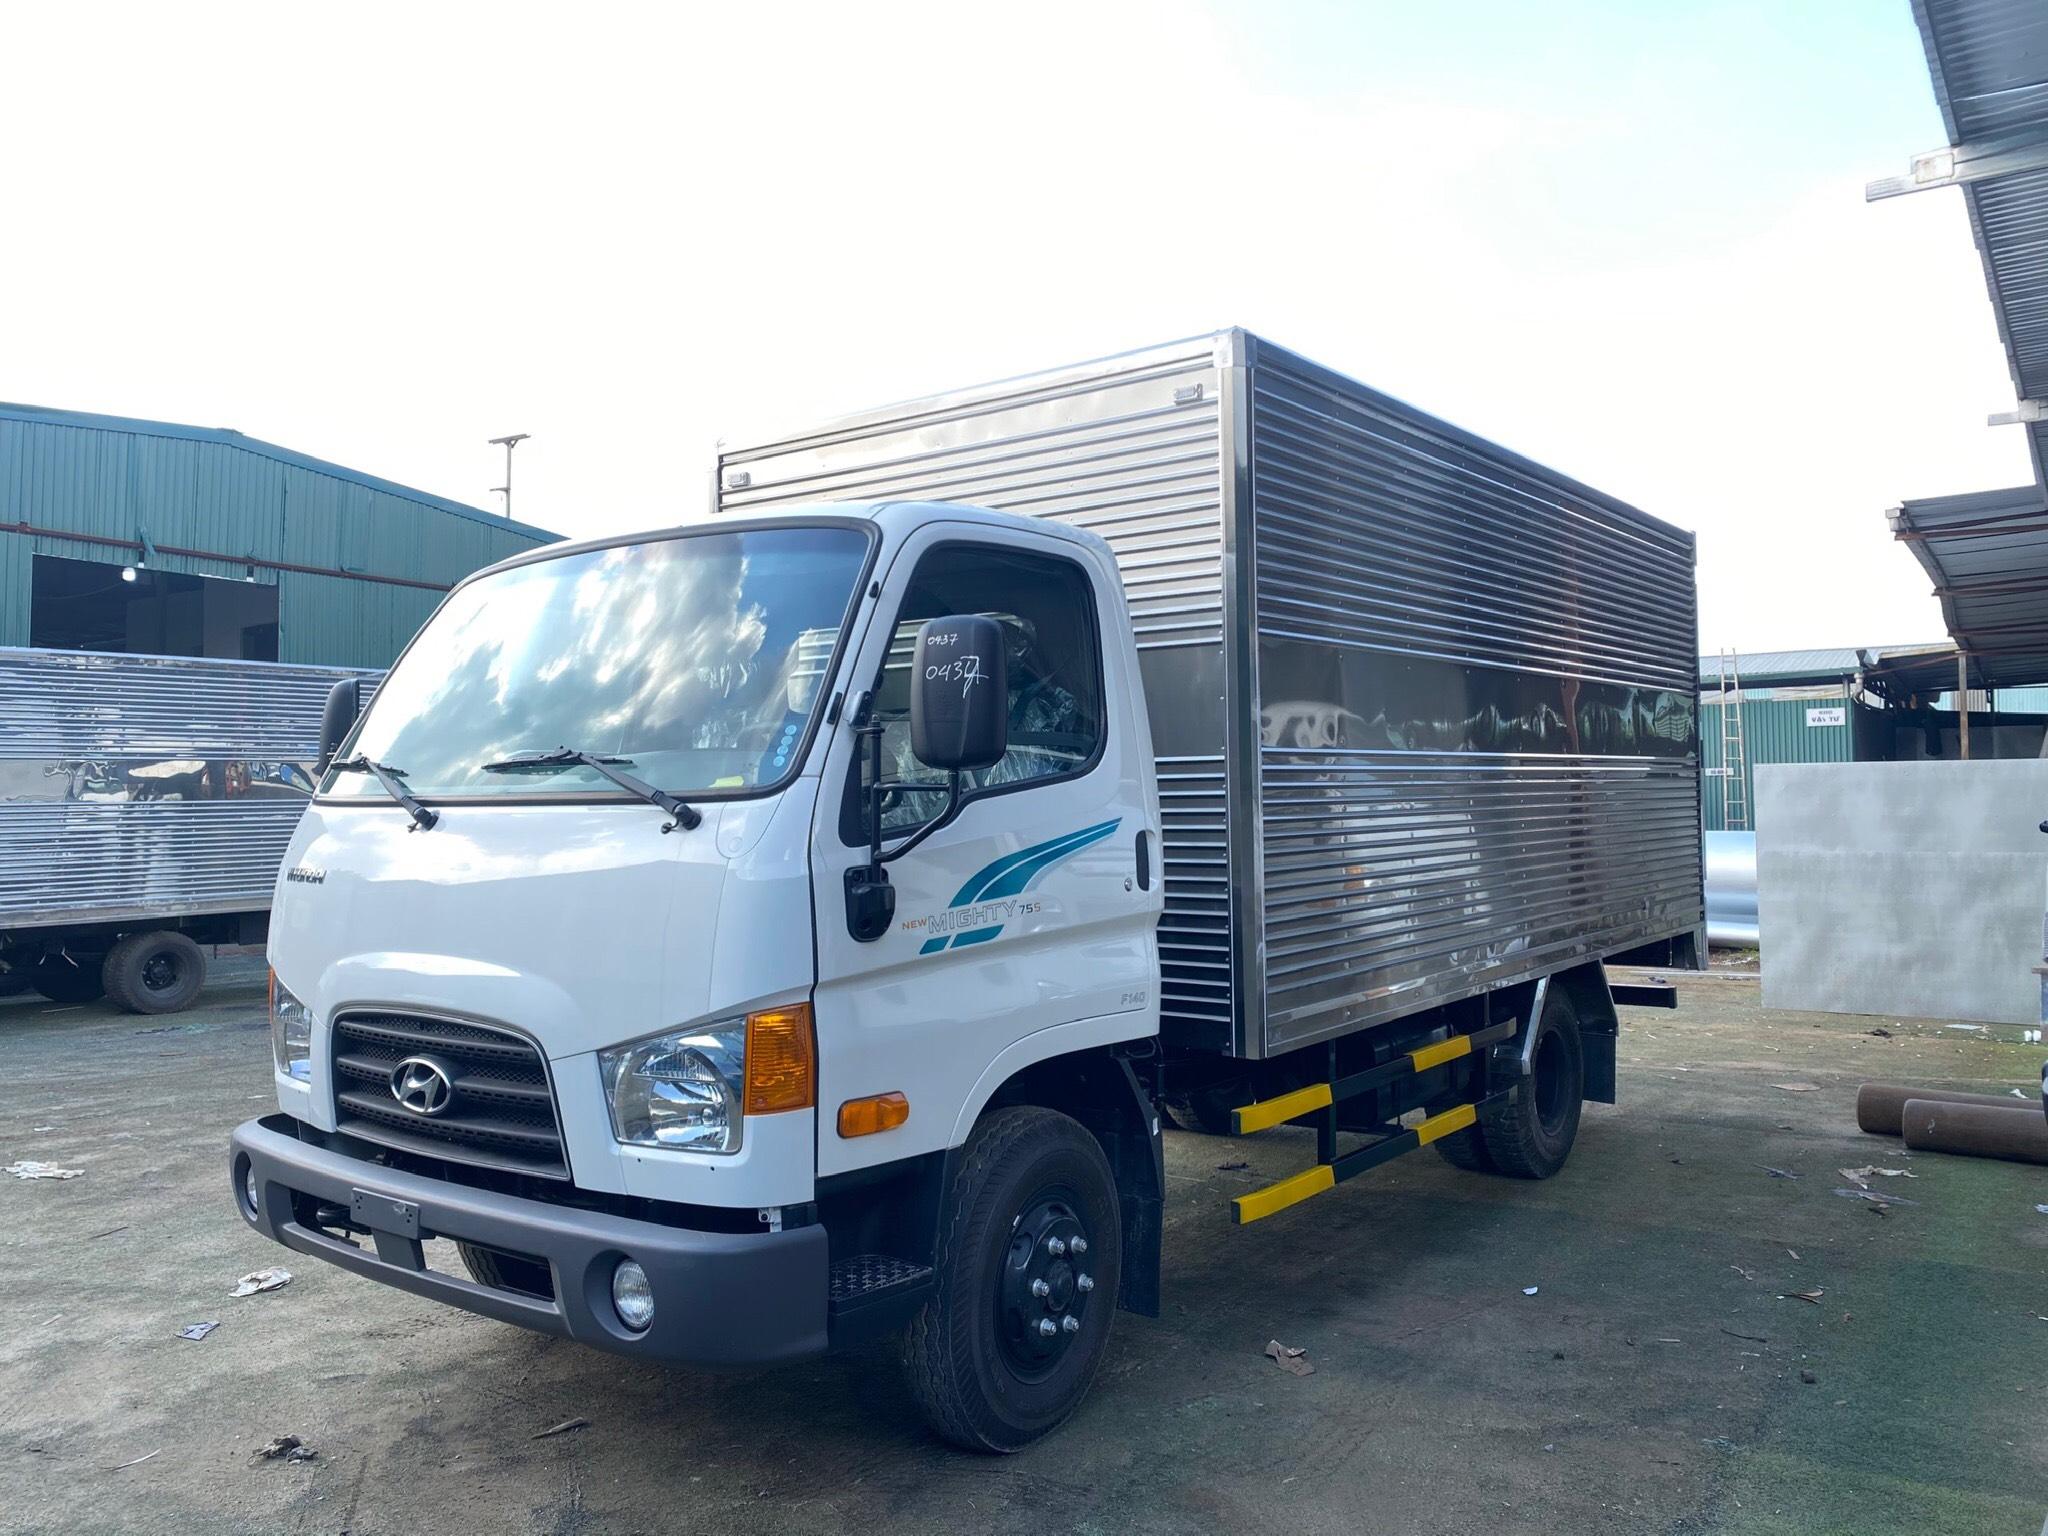 Bán xe tải Hyundai 75s tại Lạng Sơn